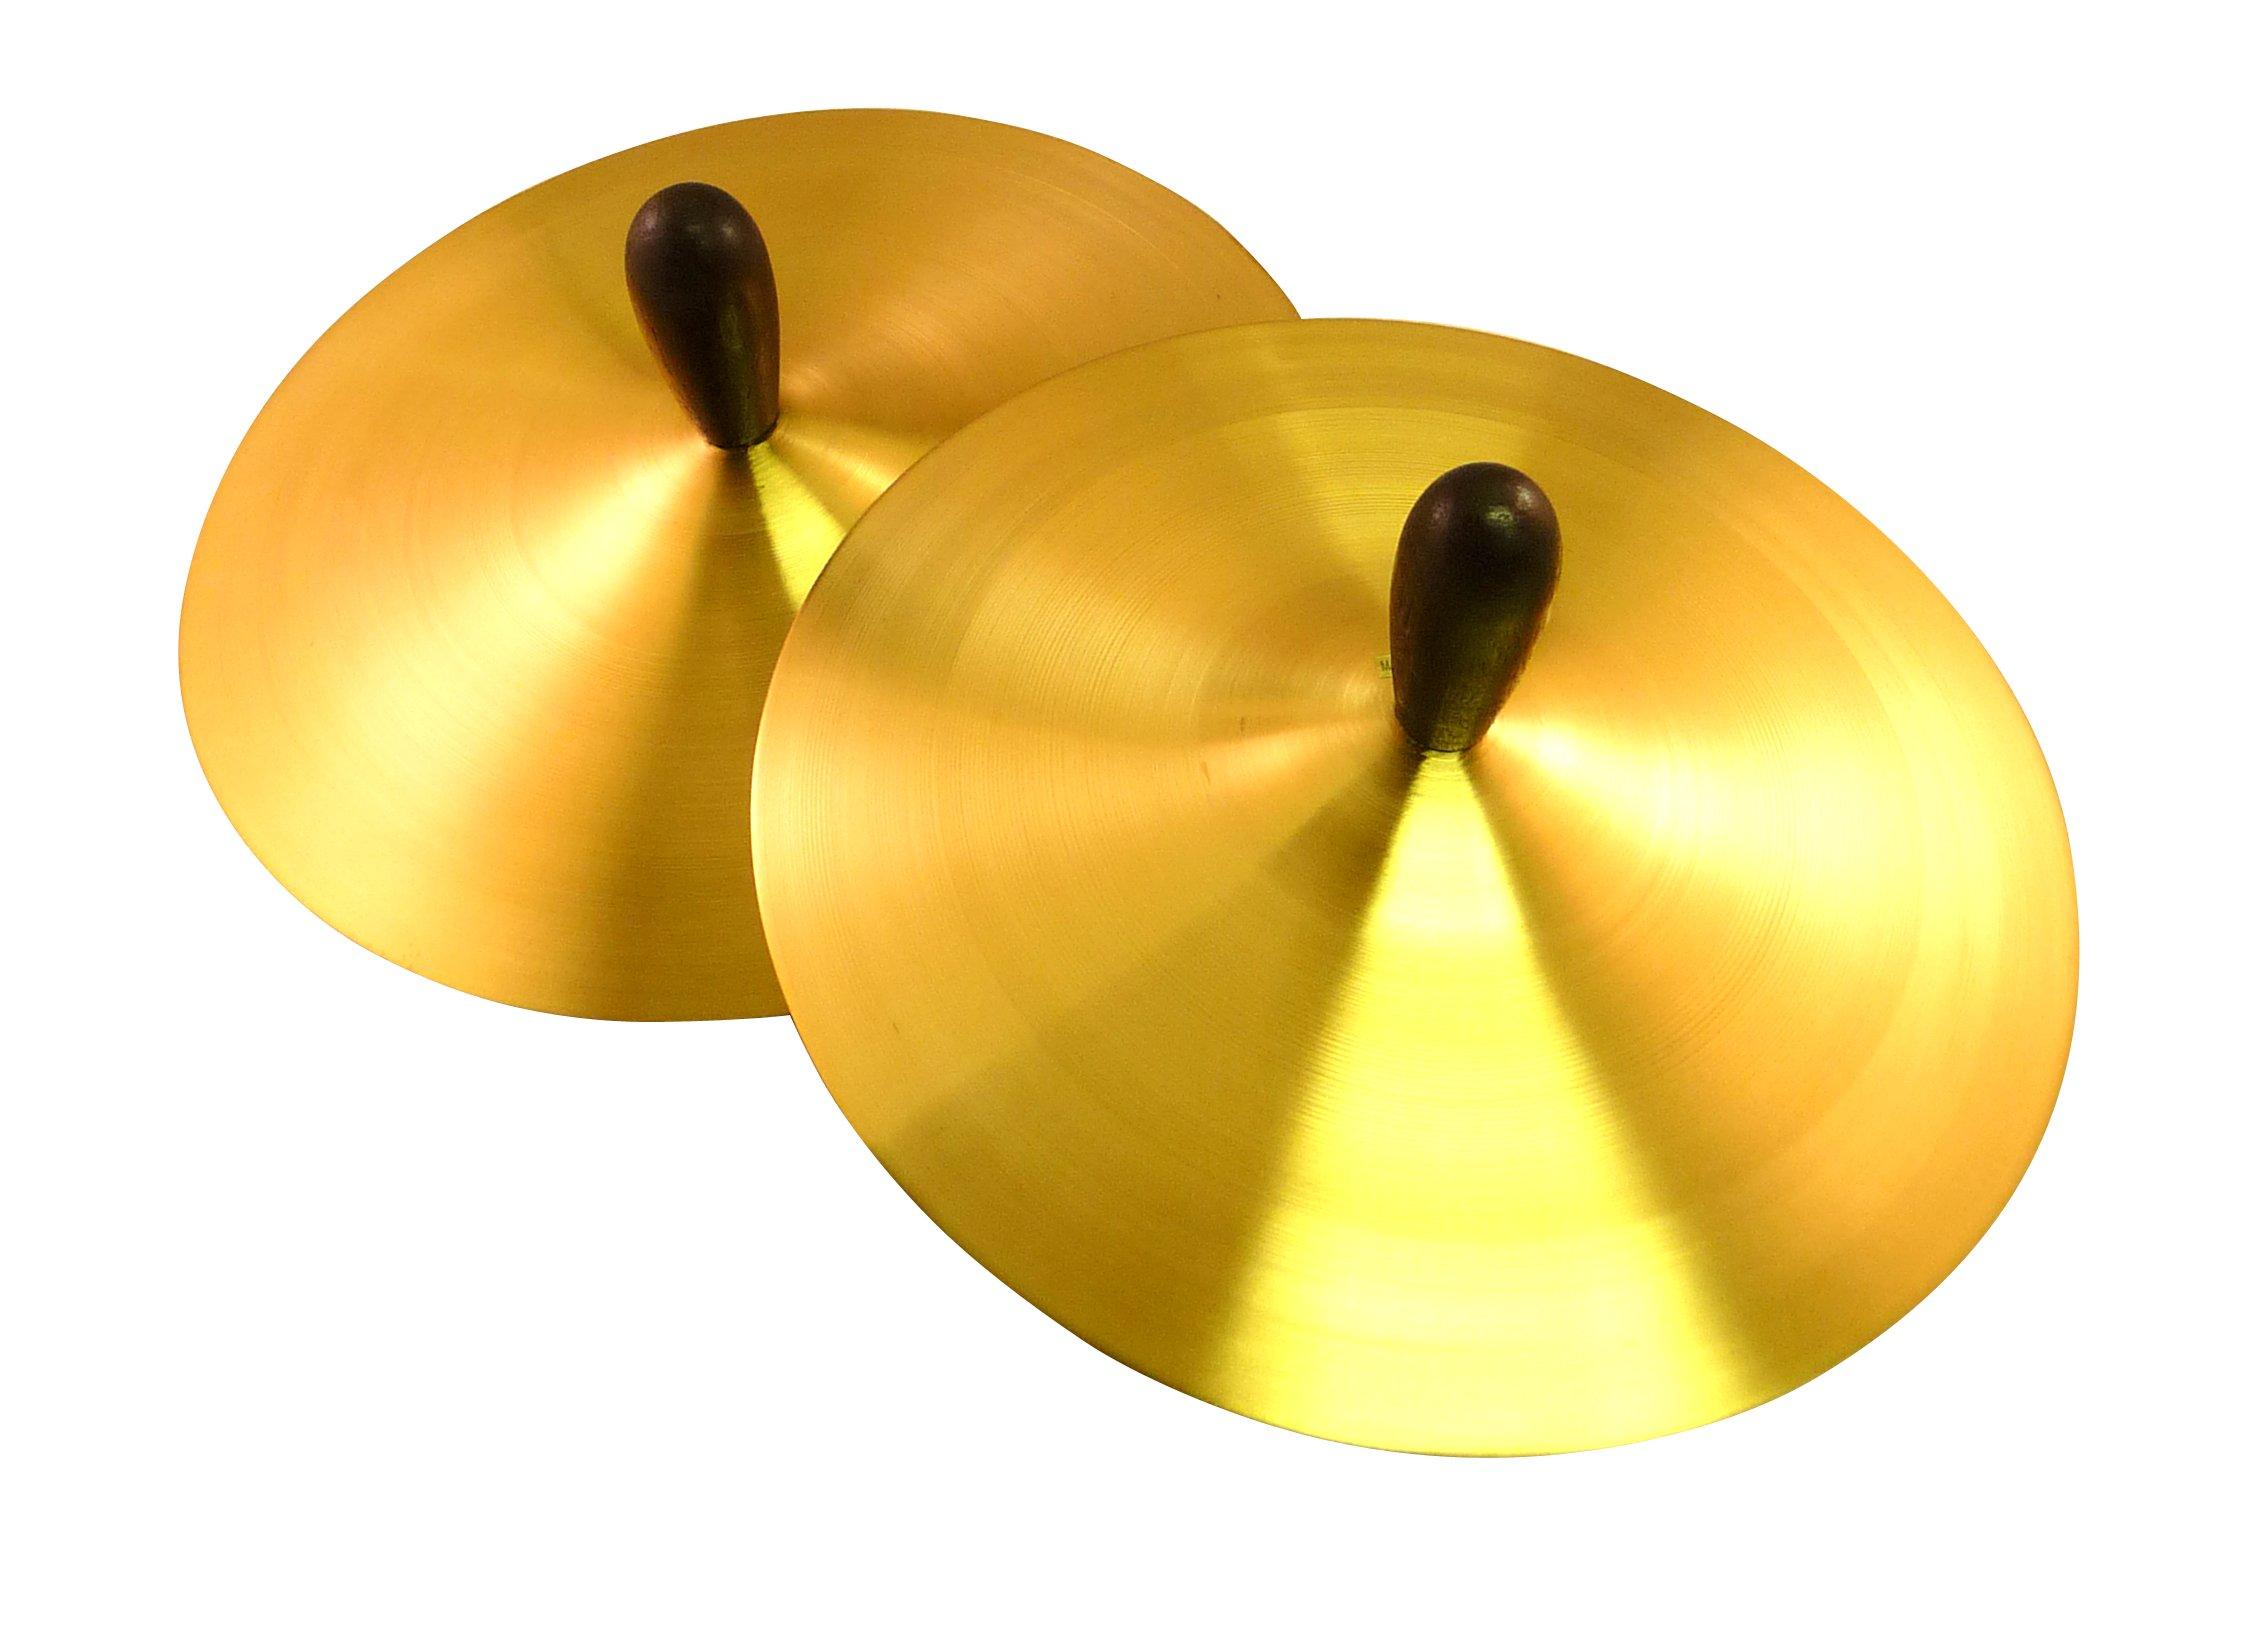 Suzuki Musical Instrument Corporation CY-2 8-Inch Crash Cymbals - 1 Pair by Suzuki Music